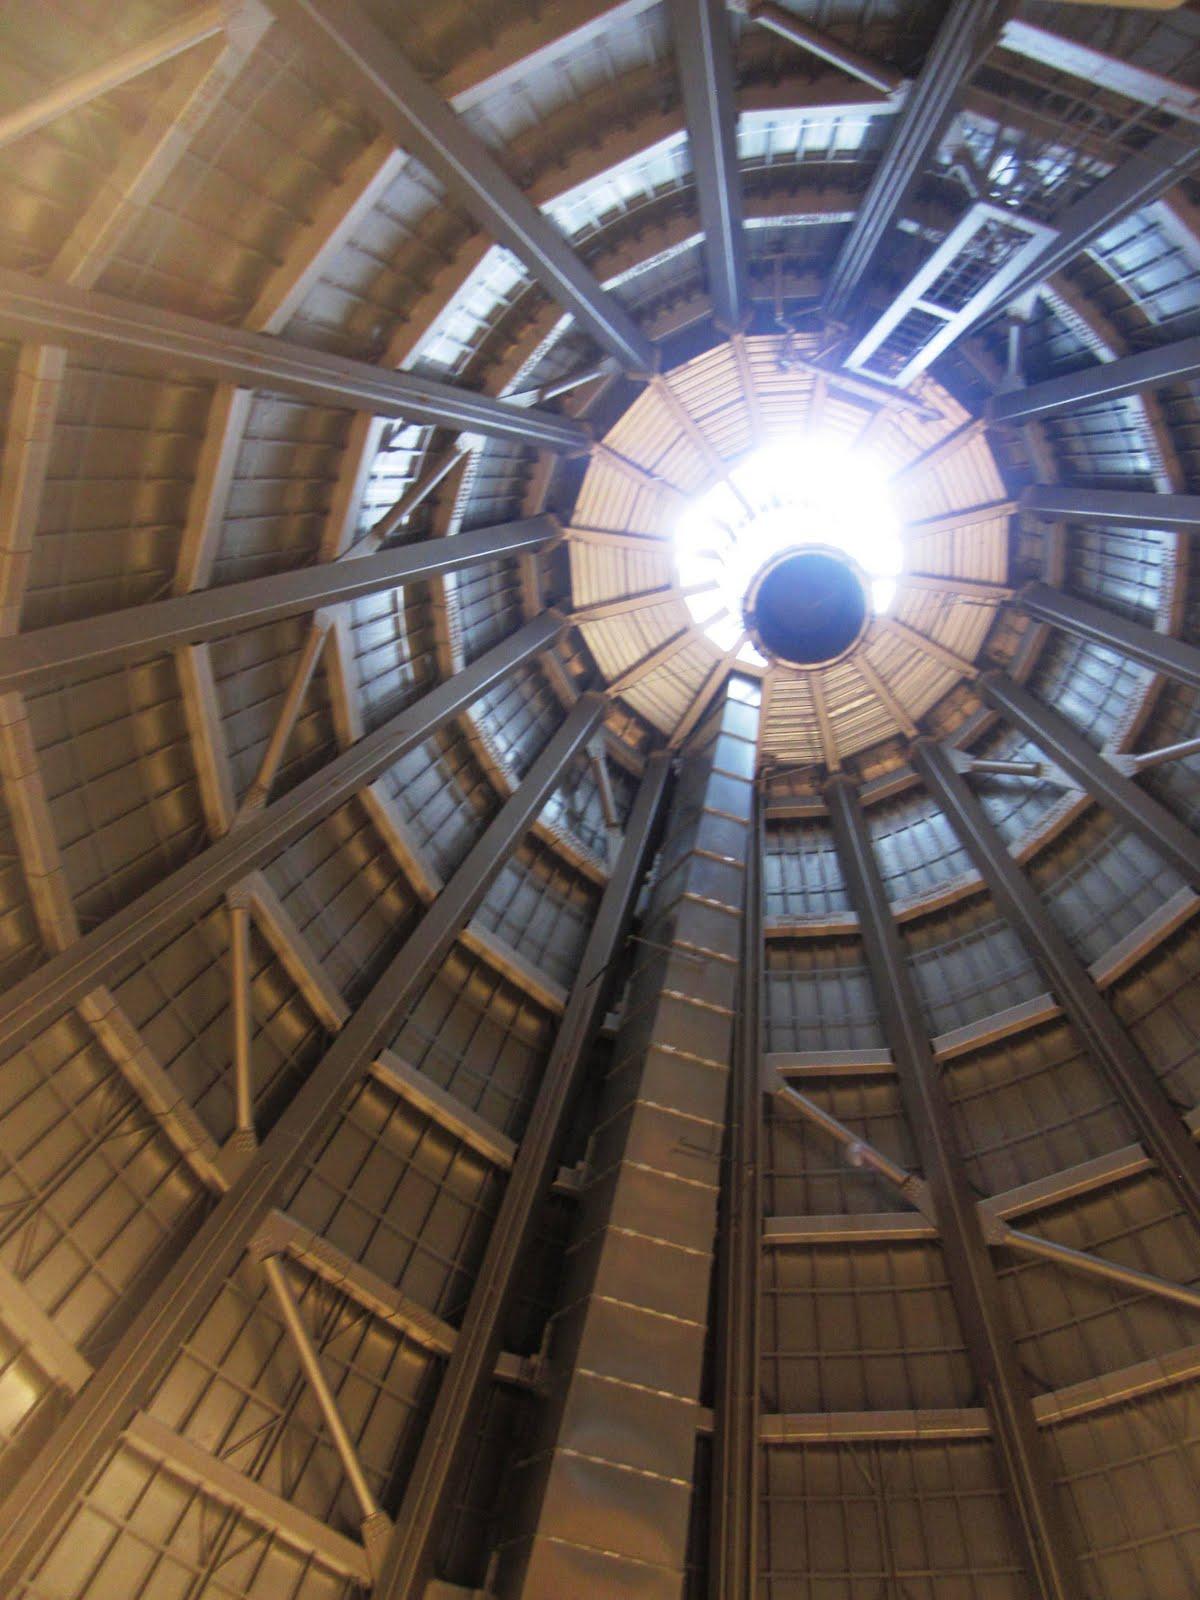 http://1.bp.blogspot.com/-BSHIO8BaabQ/TkIScKC0TJI/AAAAAAAAFpk/ggeE6BHvLIo/s1600/Tacoma+004.JPG